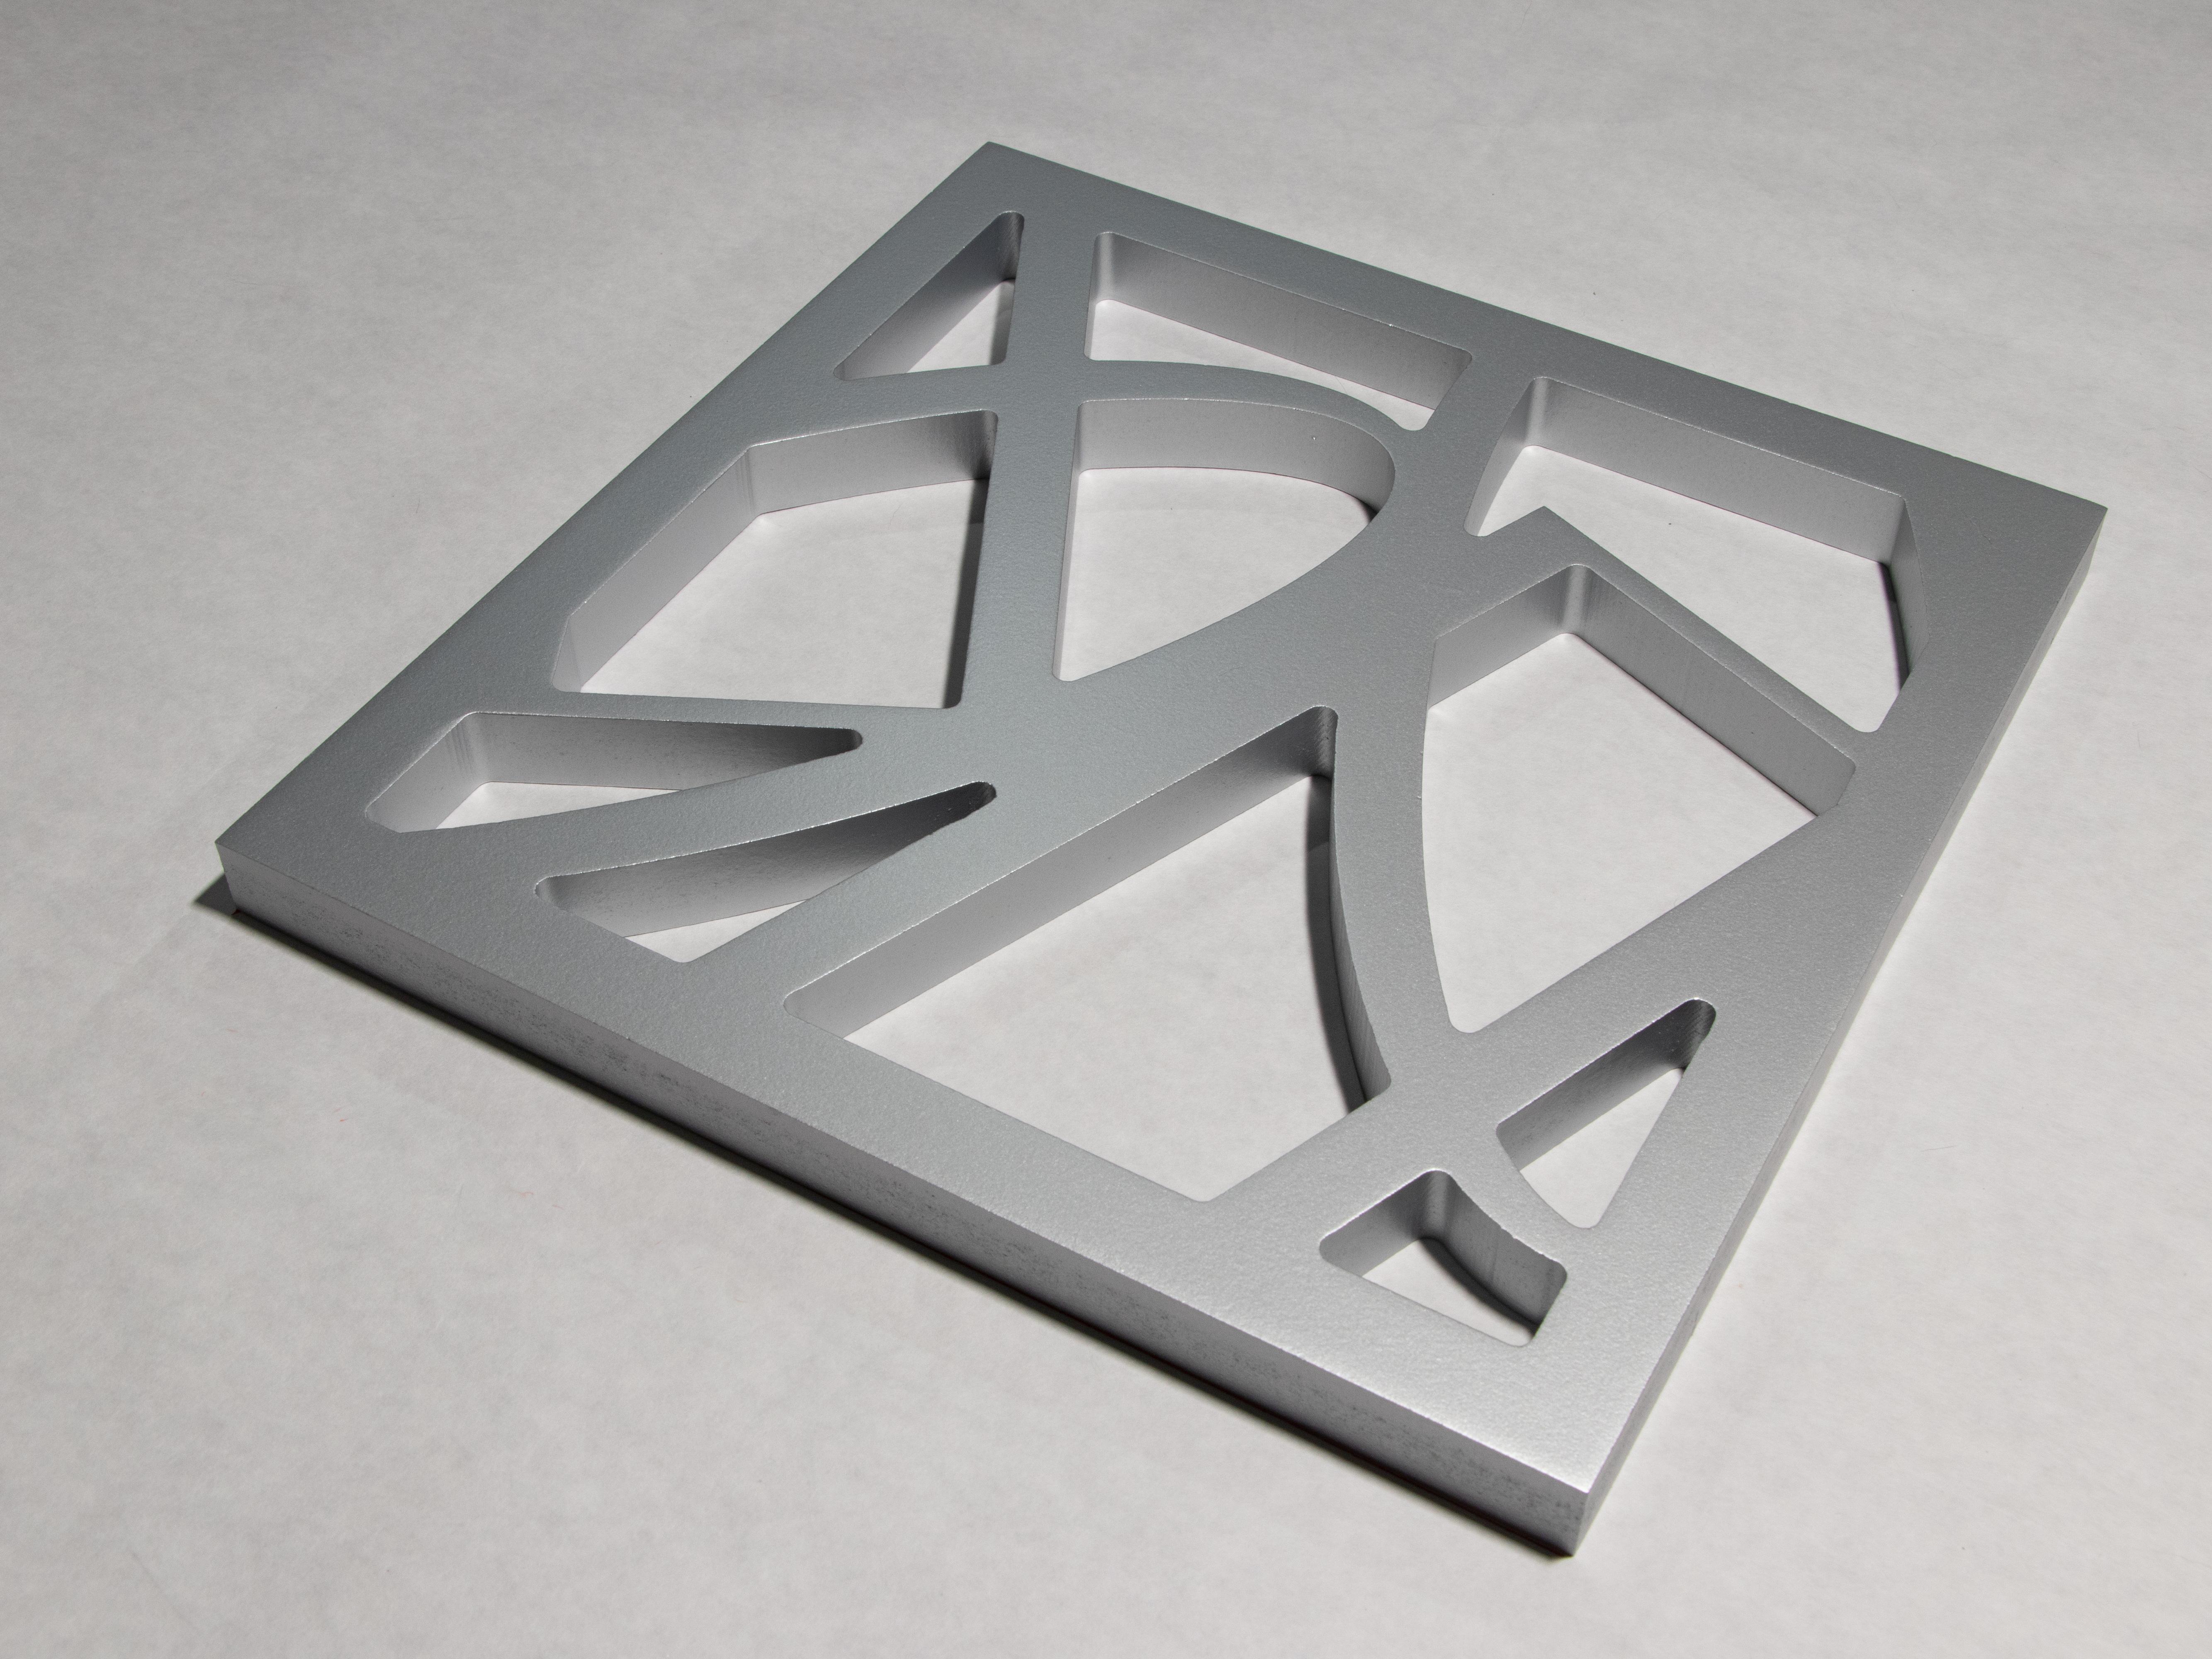 Elements - Platinum (591)